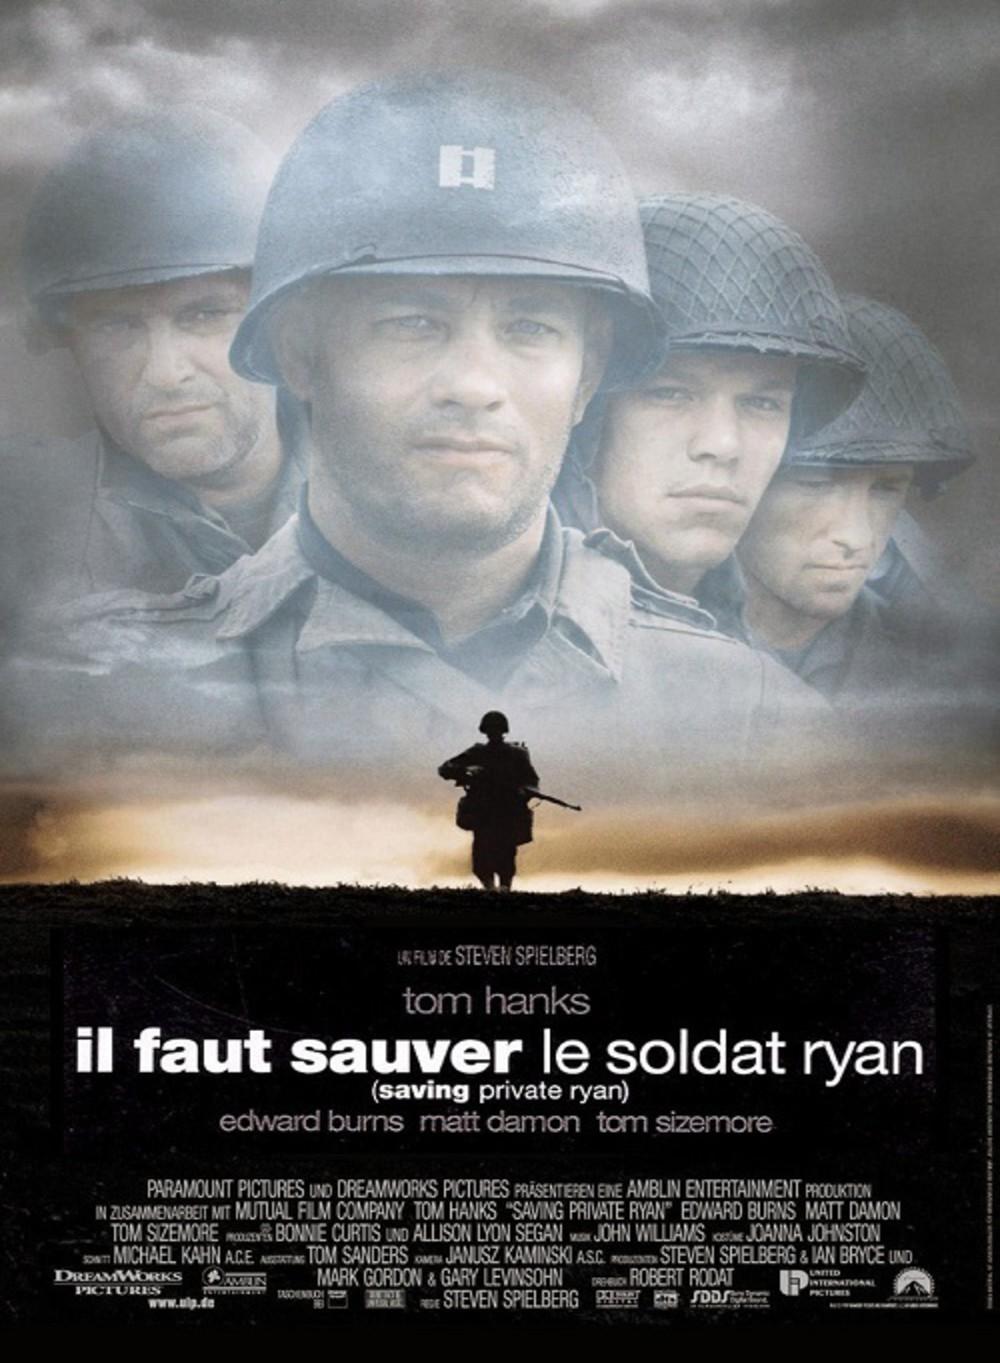 L'affiche de cinéma